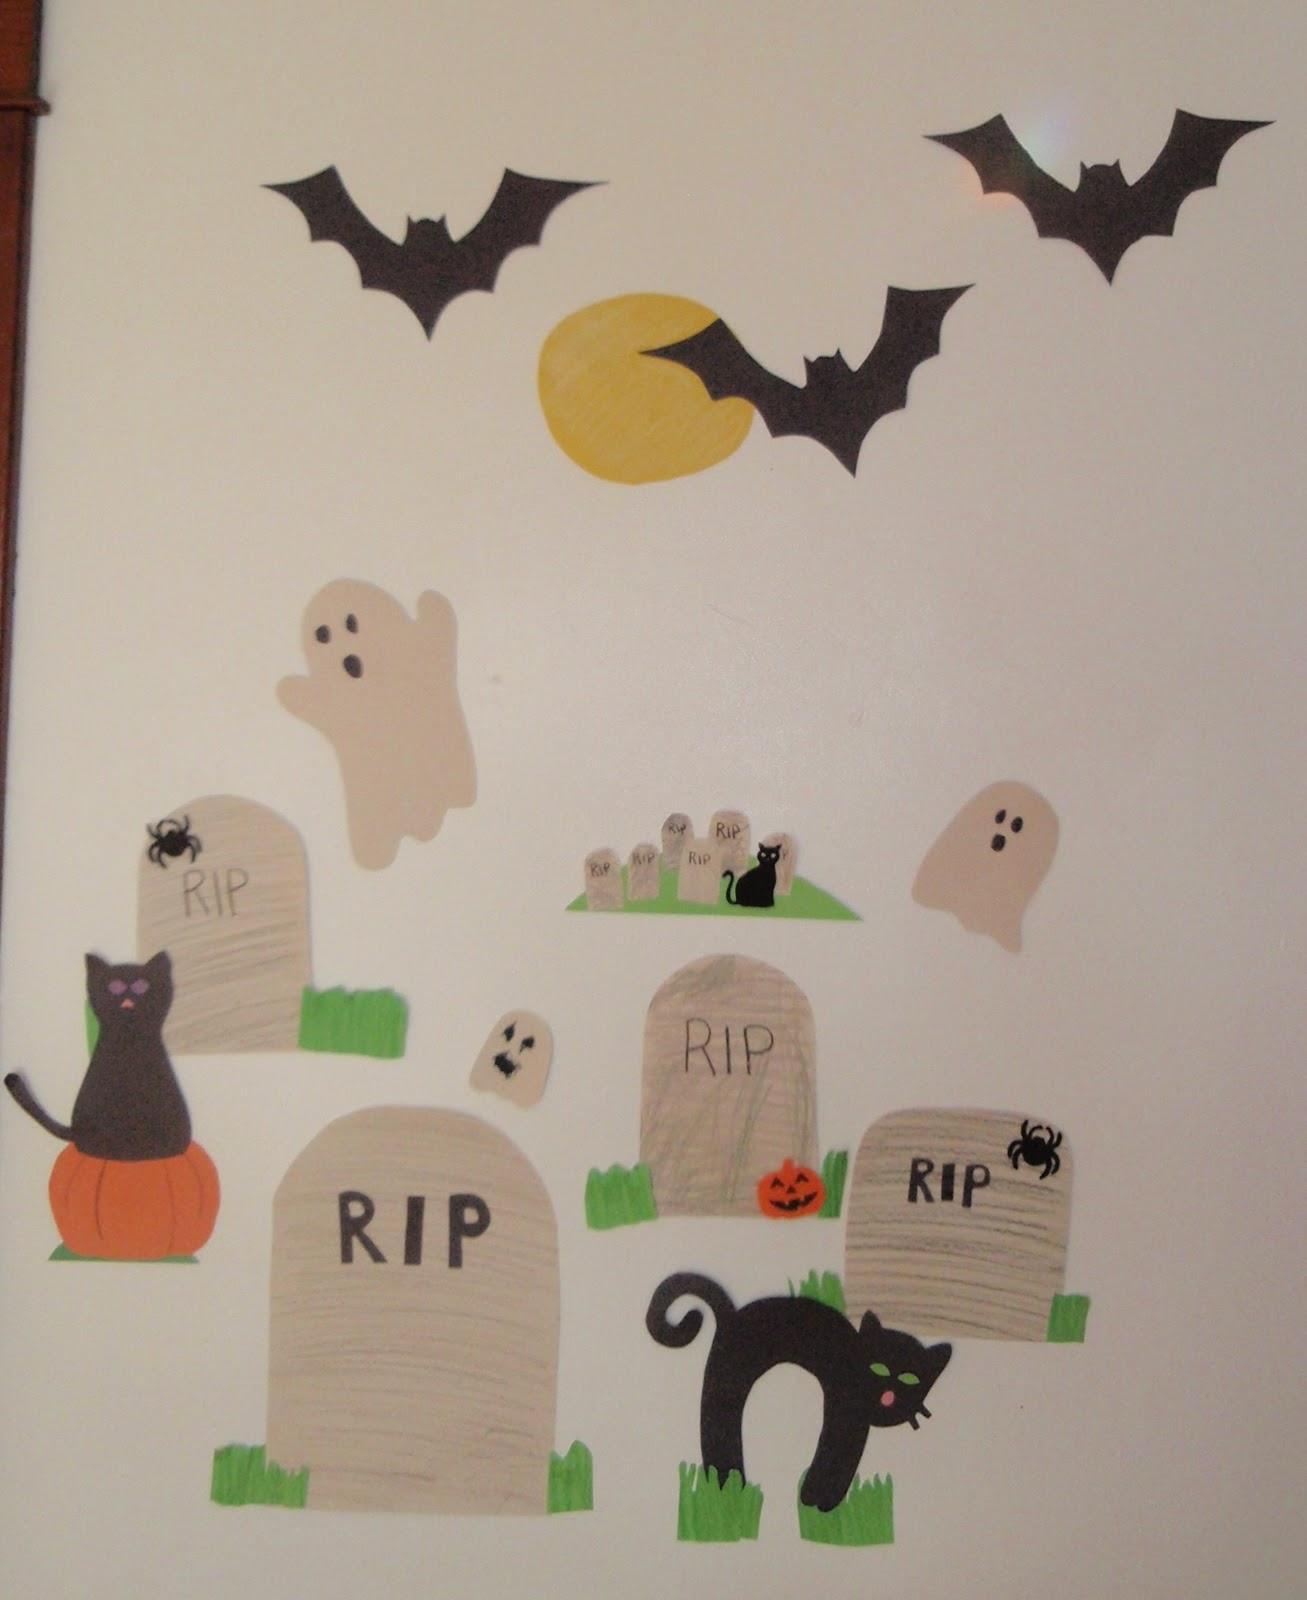 Halloween crafts for preschoolers fun halloween crafts for preschoolers jeuxipadfo Choice Image